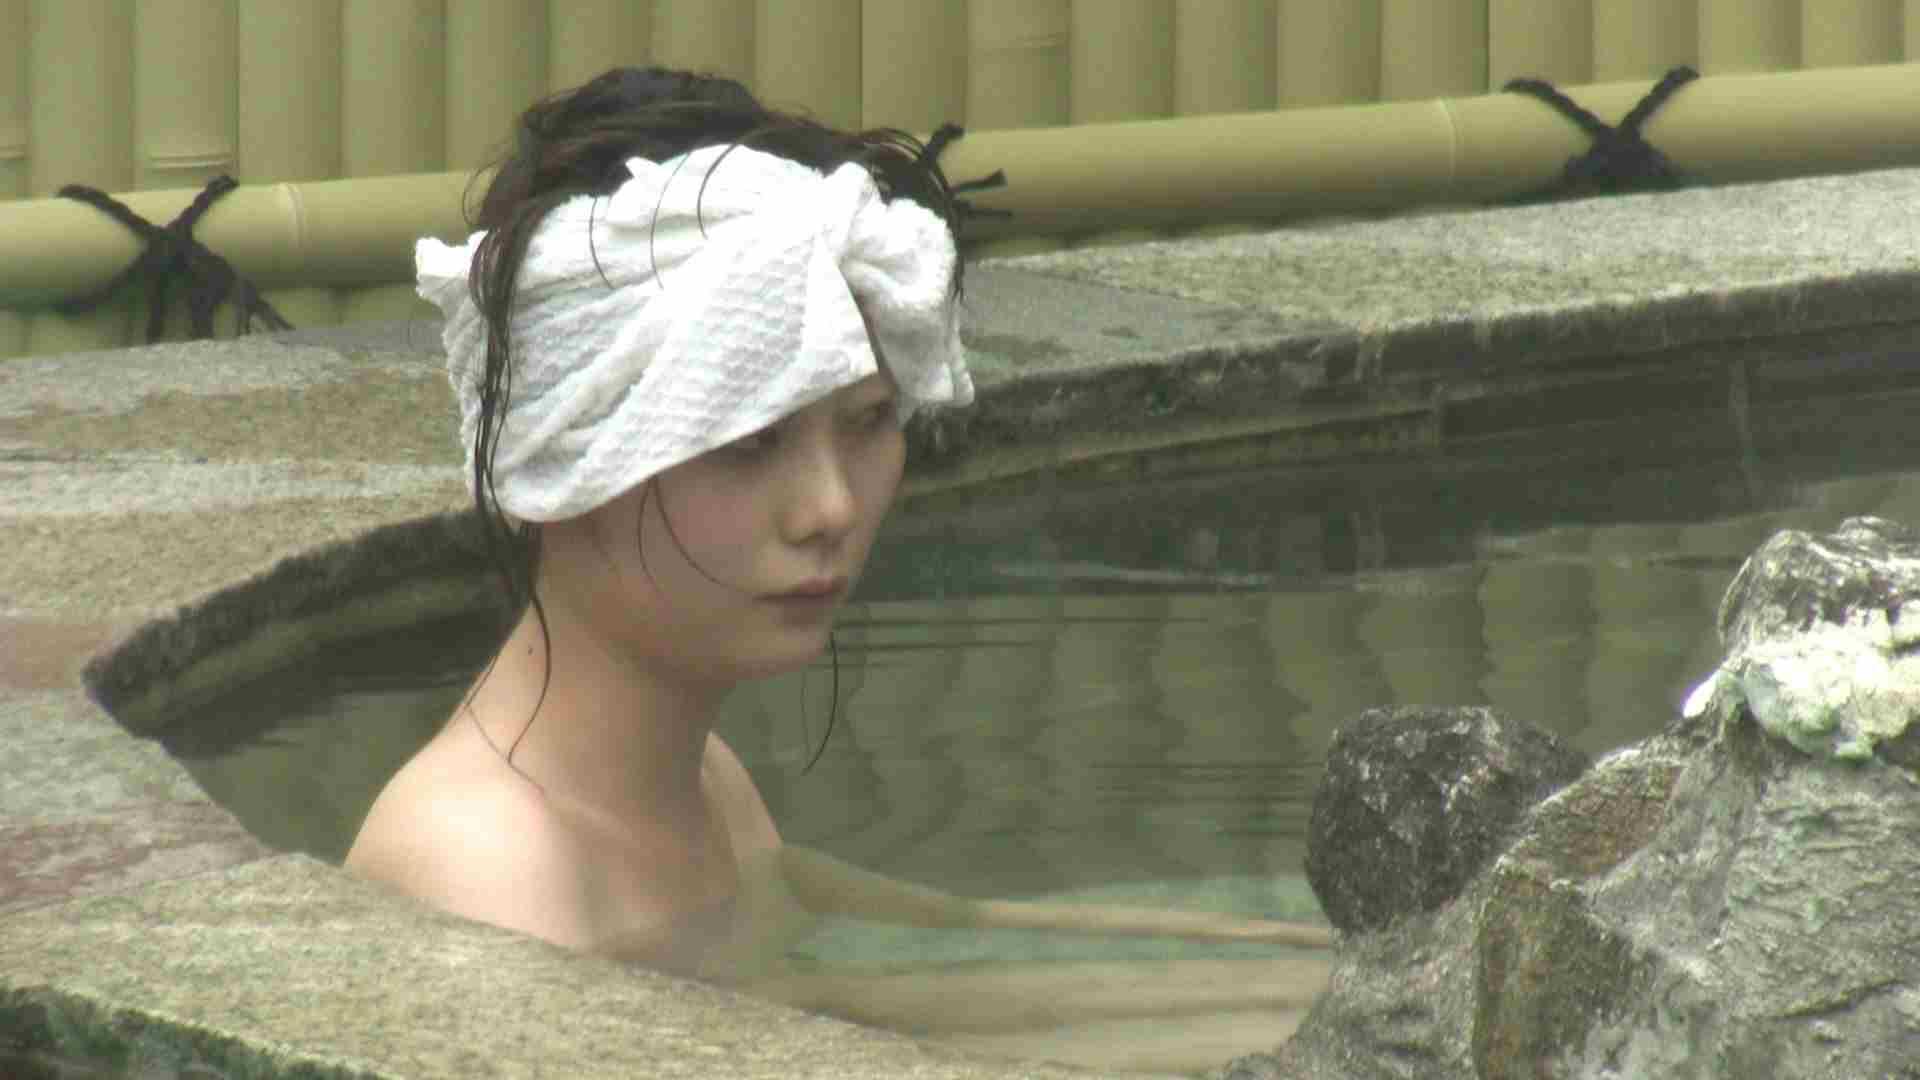 Aquaな露天風呂Vol.147 盗撮 セックス無修正動画無料 84PICs 47